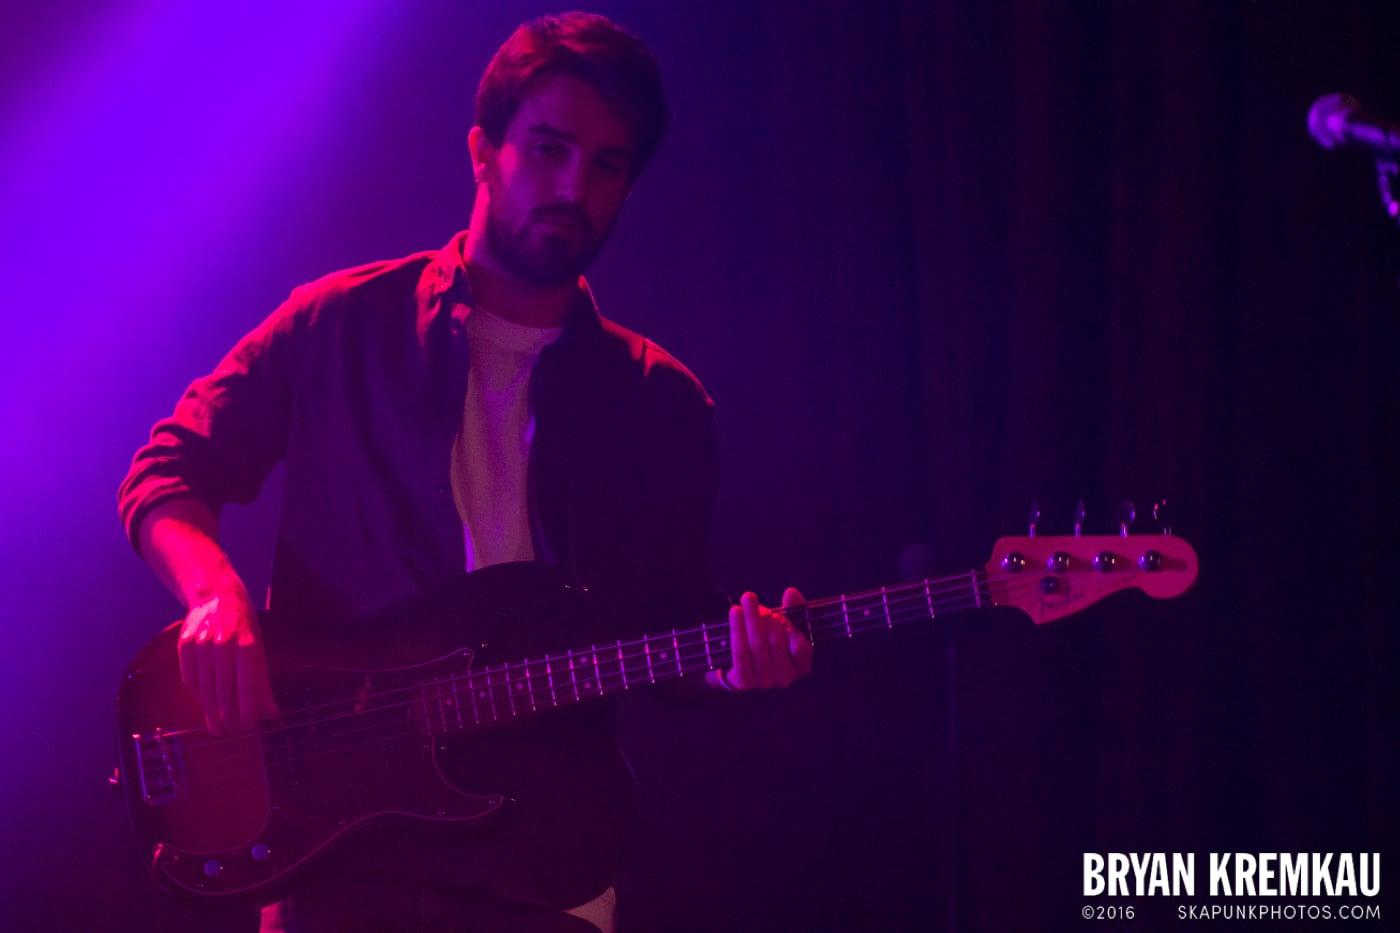 Matt Butler @ Highline Ballroom, NYC - 12.26.14 (11)